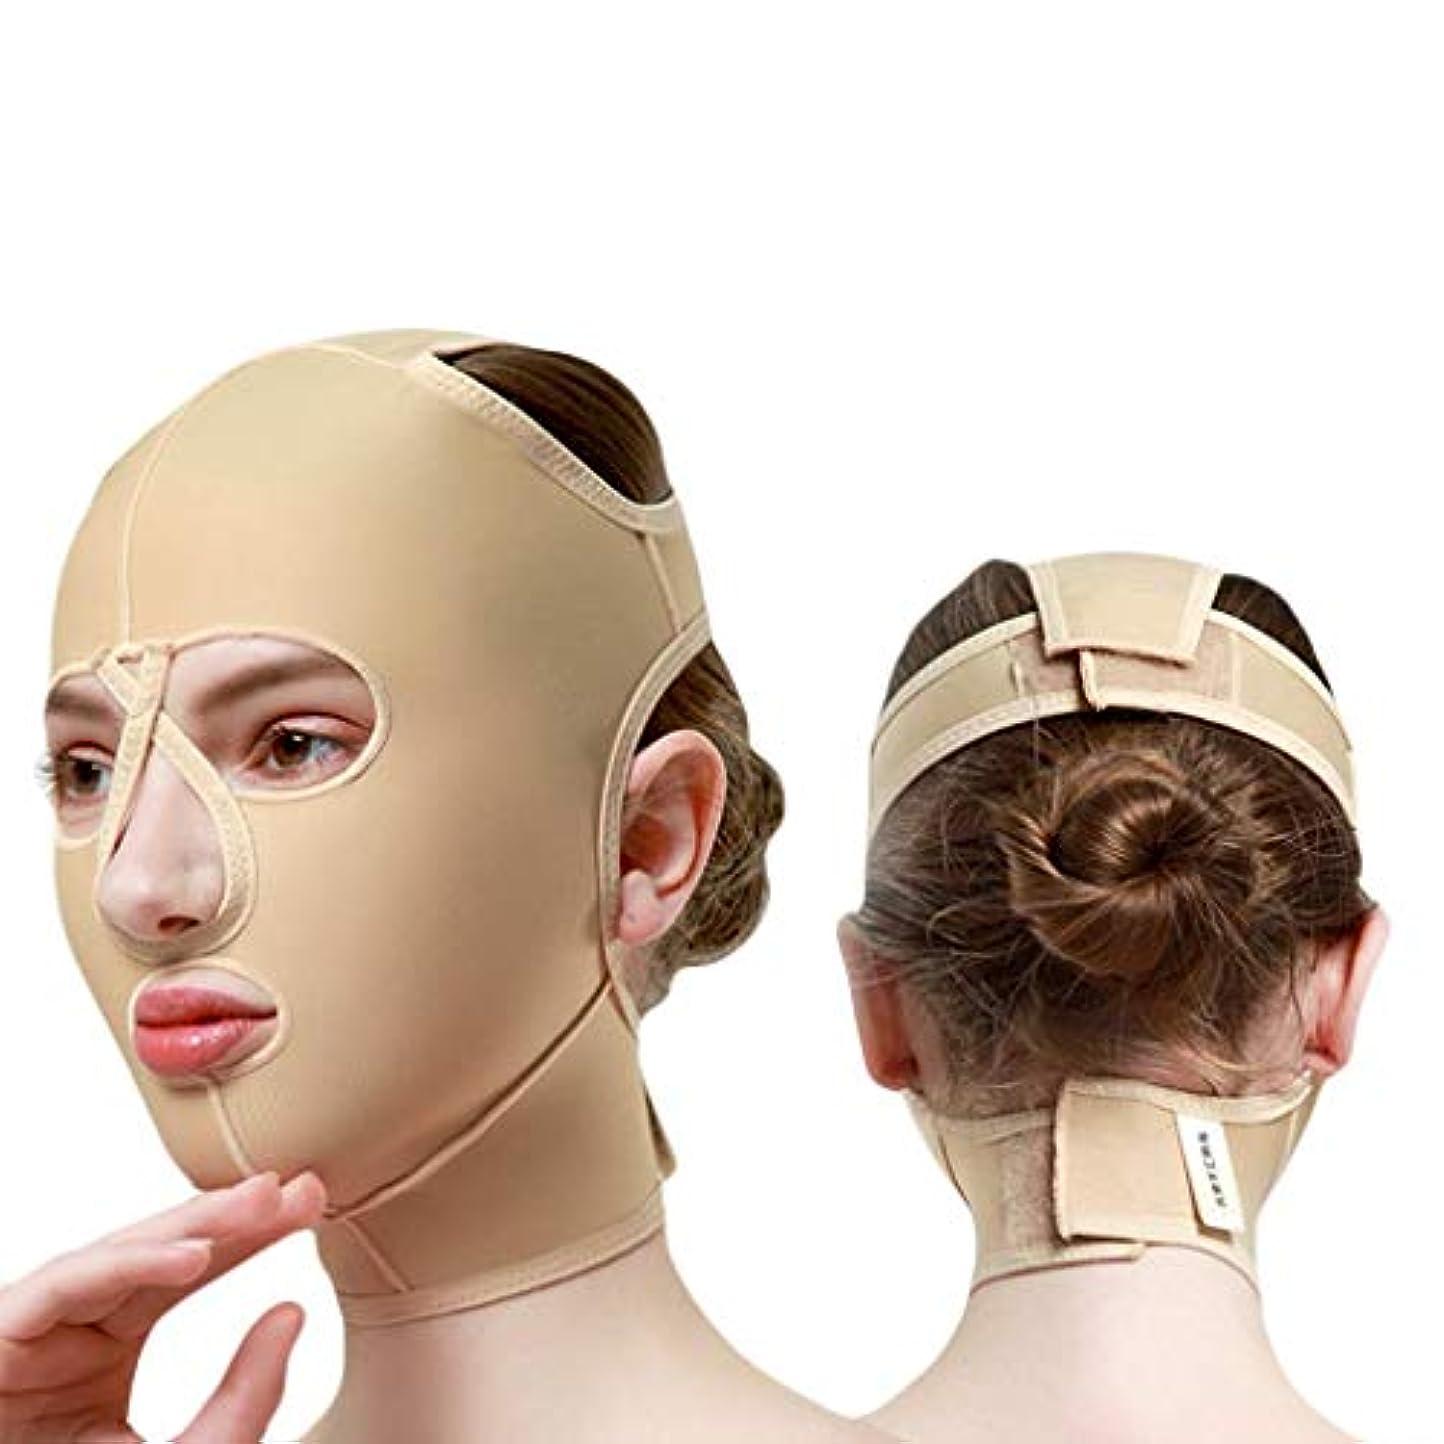 ケントさびた正しくチンストラップ、顔彫りツール、リフティングマスク、ダブルチンリデューサー、フェイスリフティングエラスティックマスクメス(サイズ:M),XXL